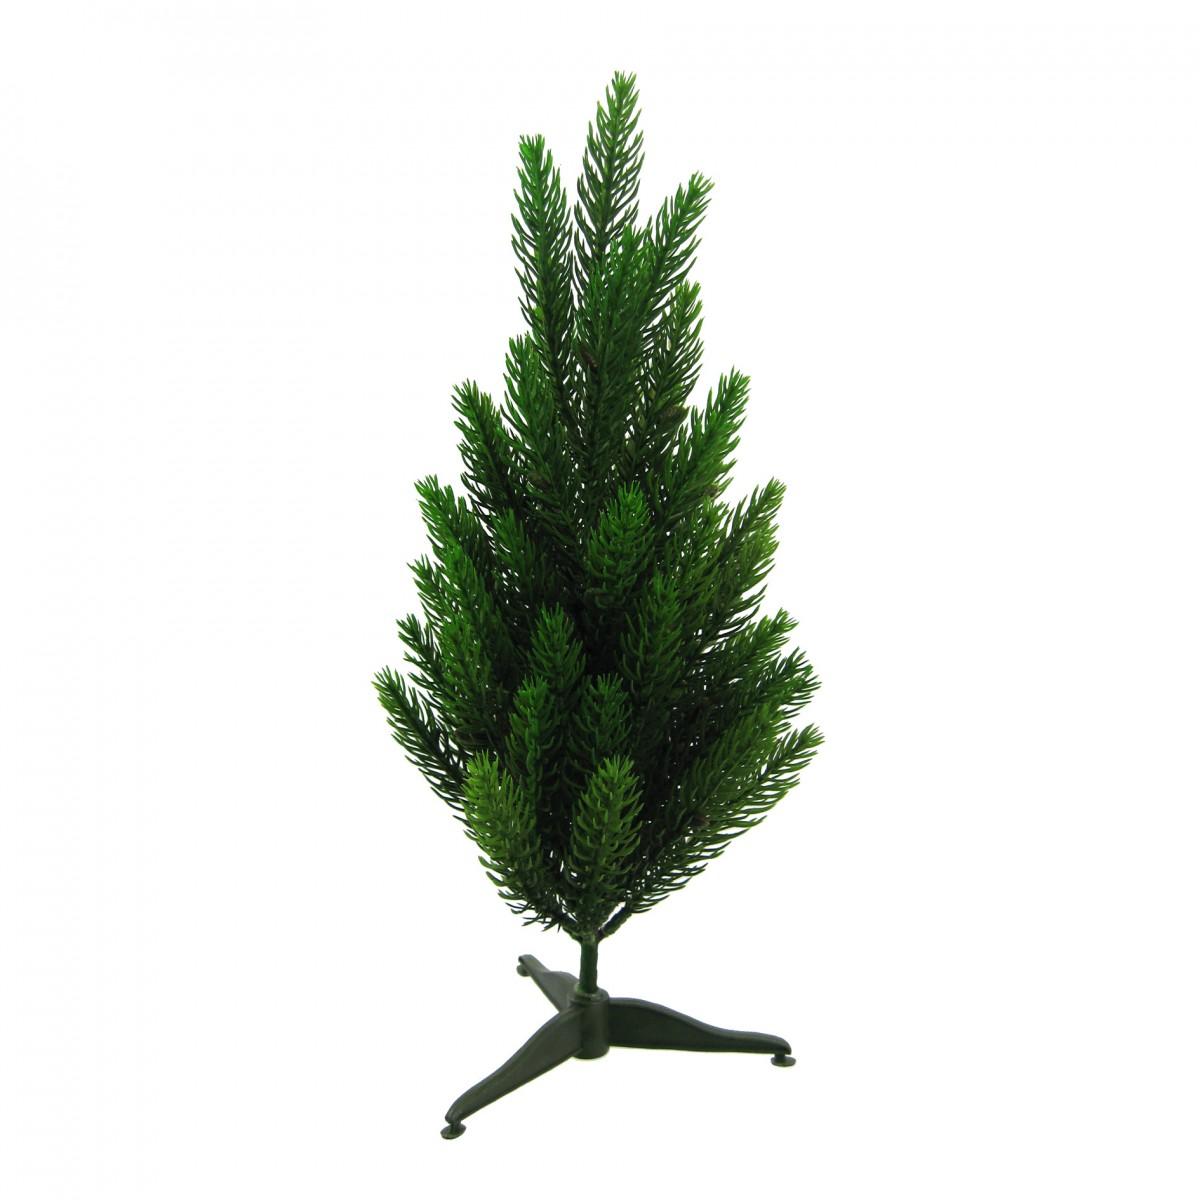 Künstlicher Fichtenbaum 30 cm mit Fuss Weihnachten Künstliche ...